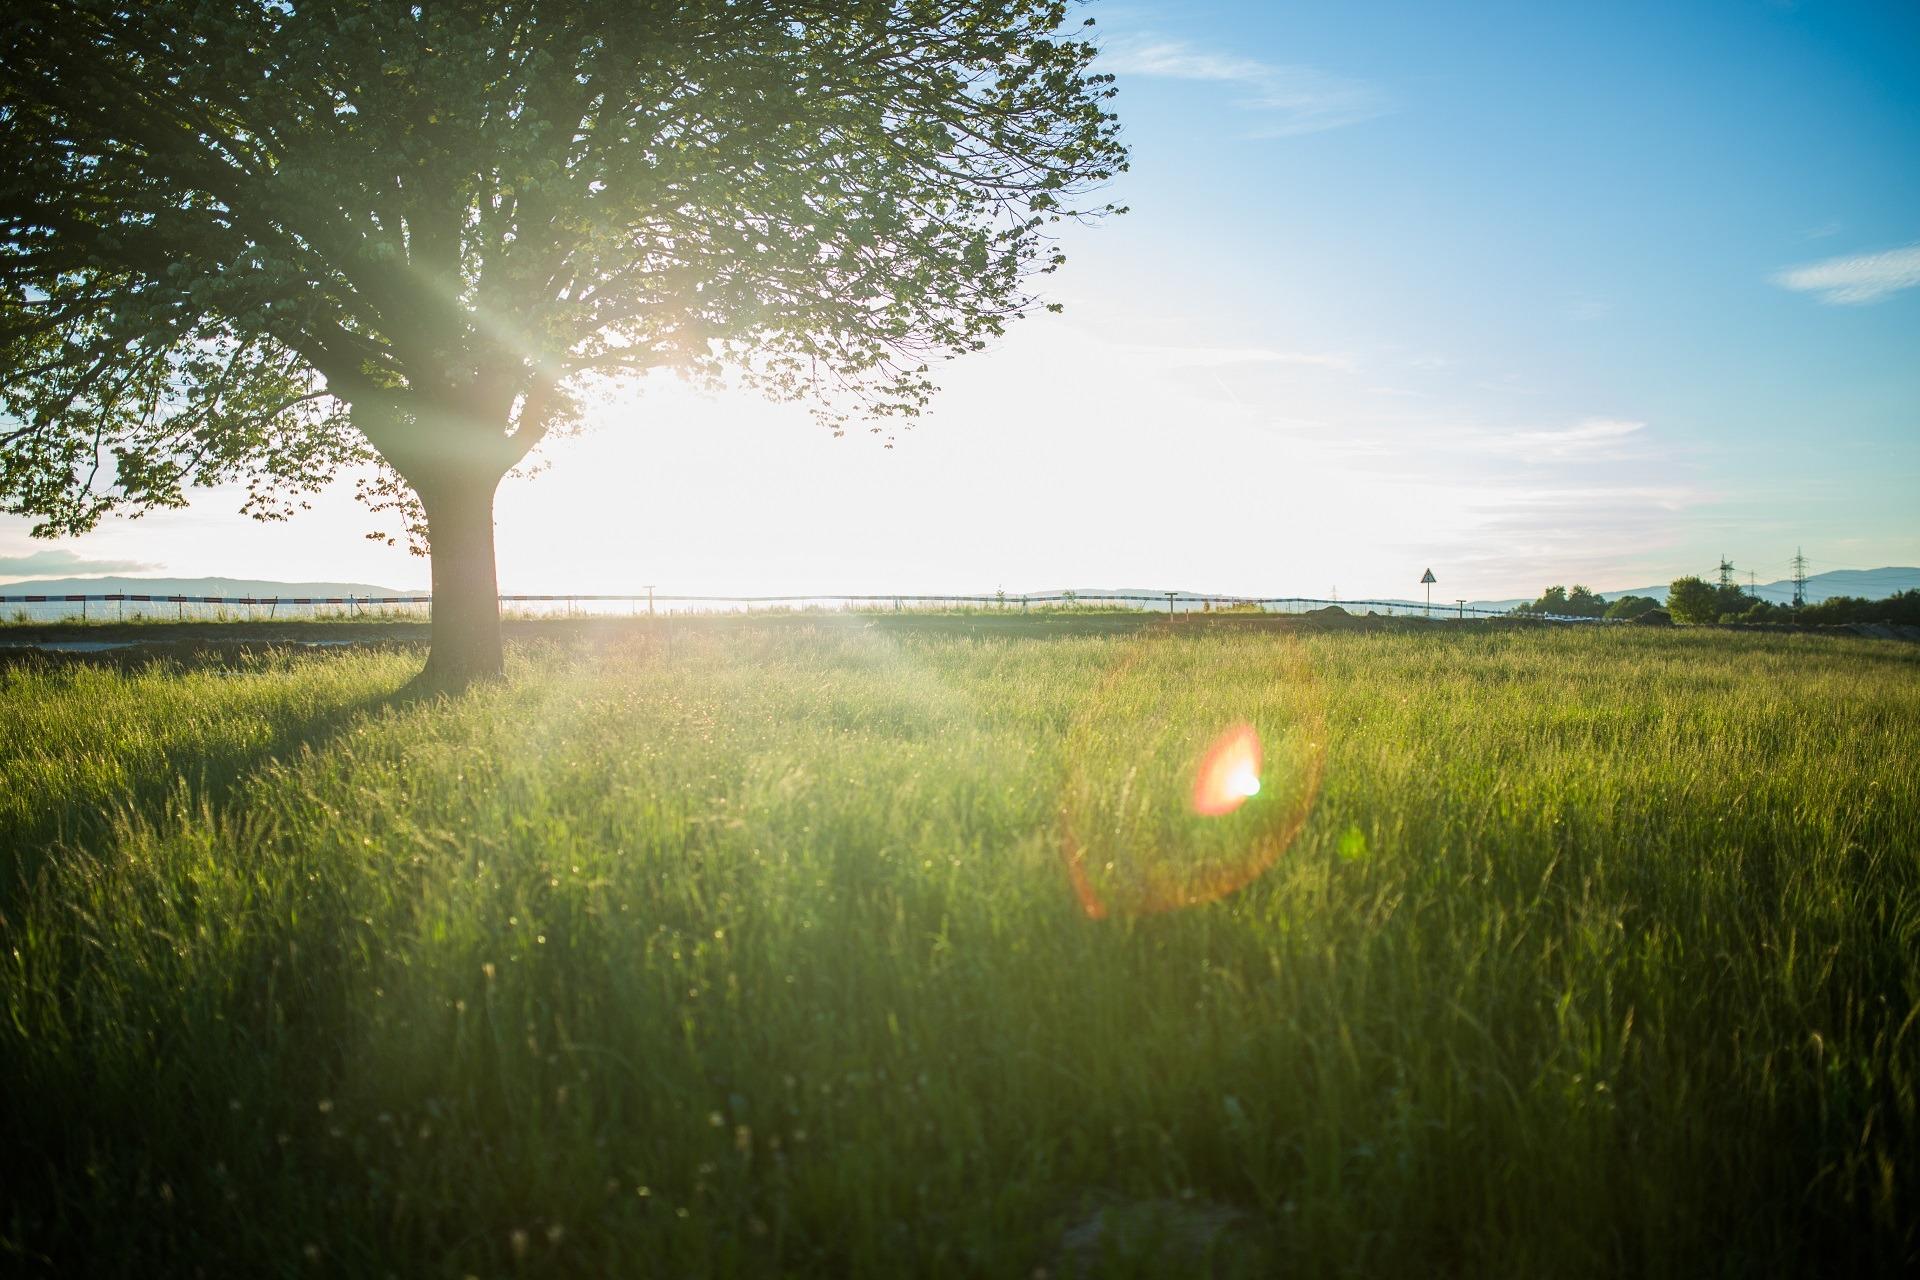 Eine grüne Wiese mit einem Laubbaum auf die Sonne scheint.